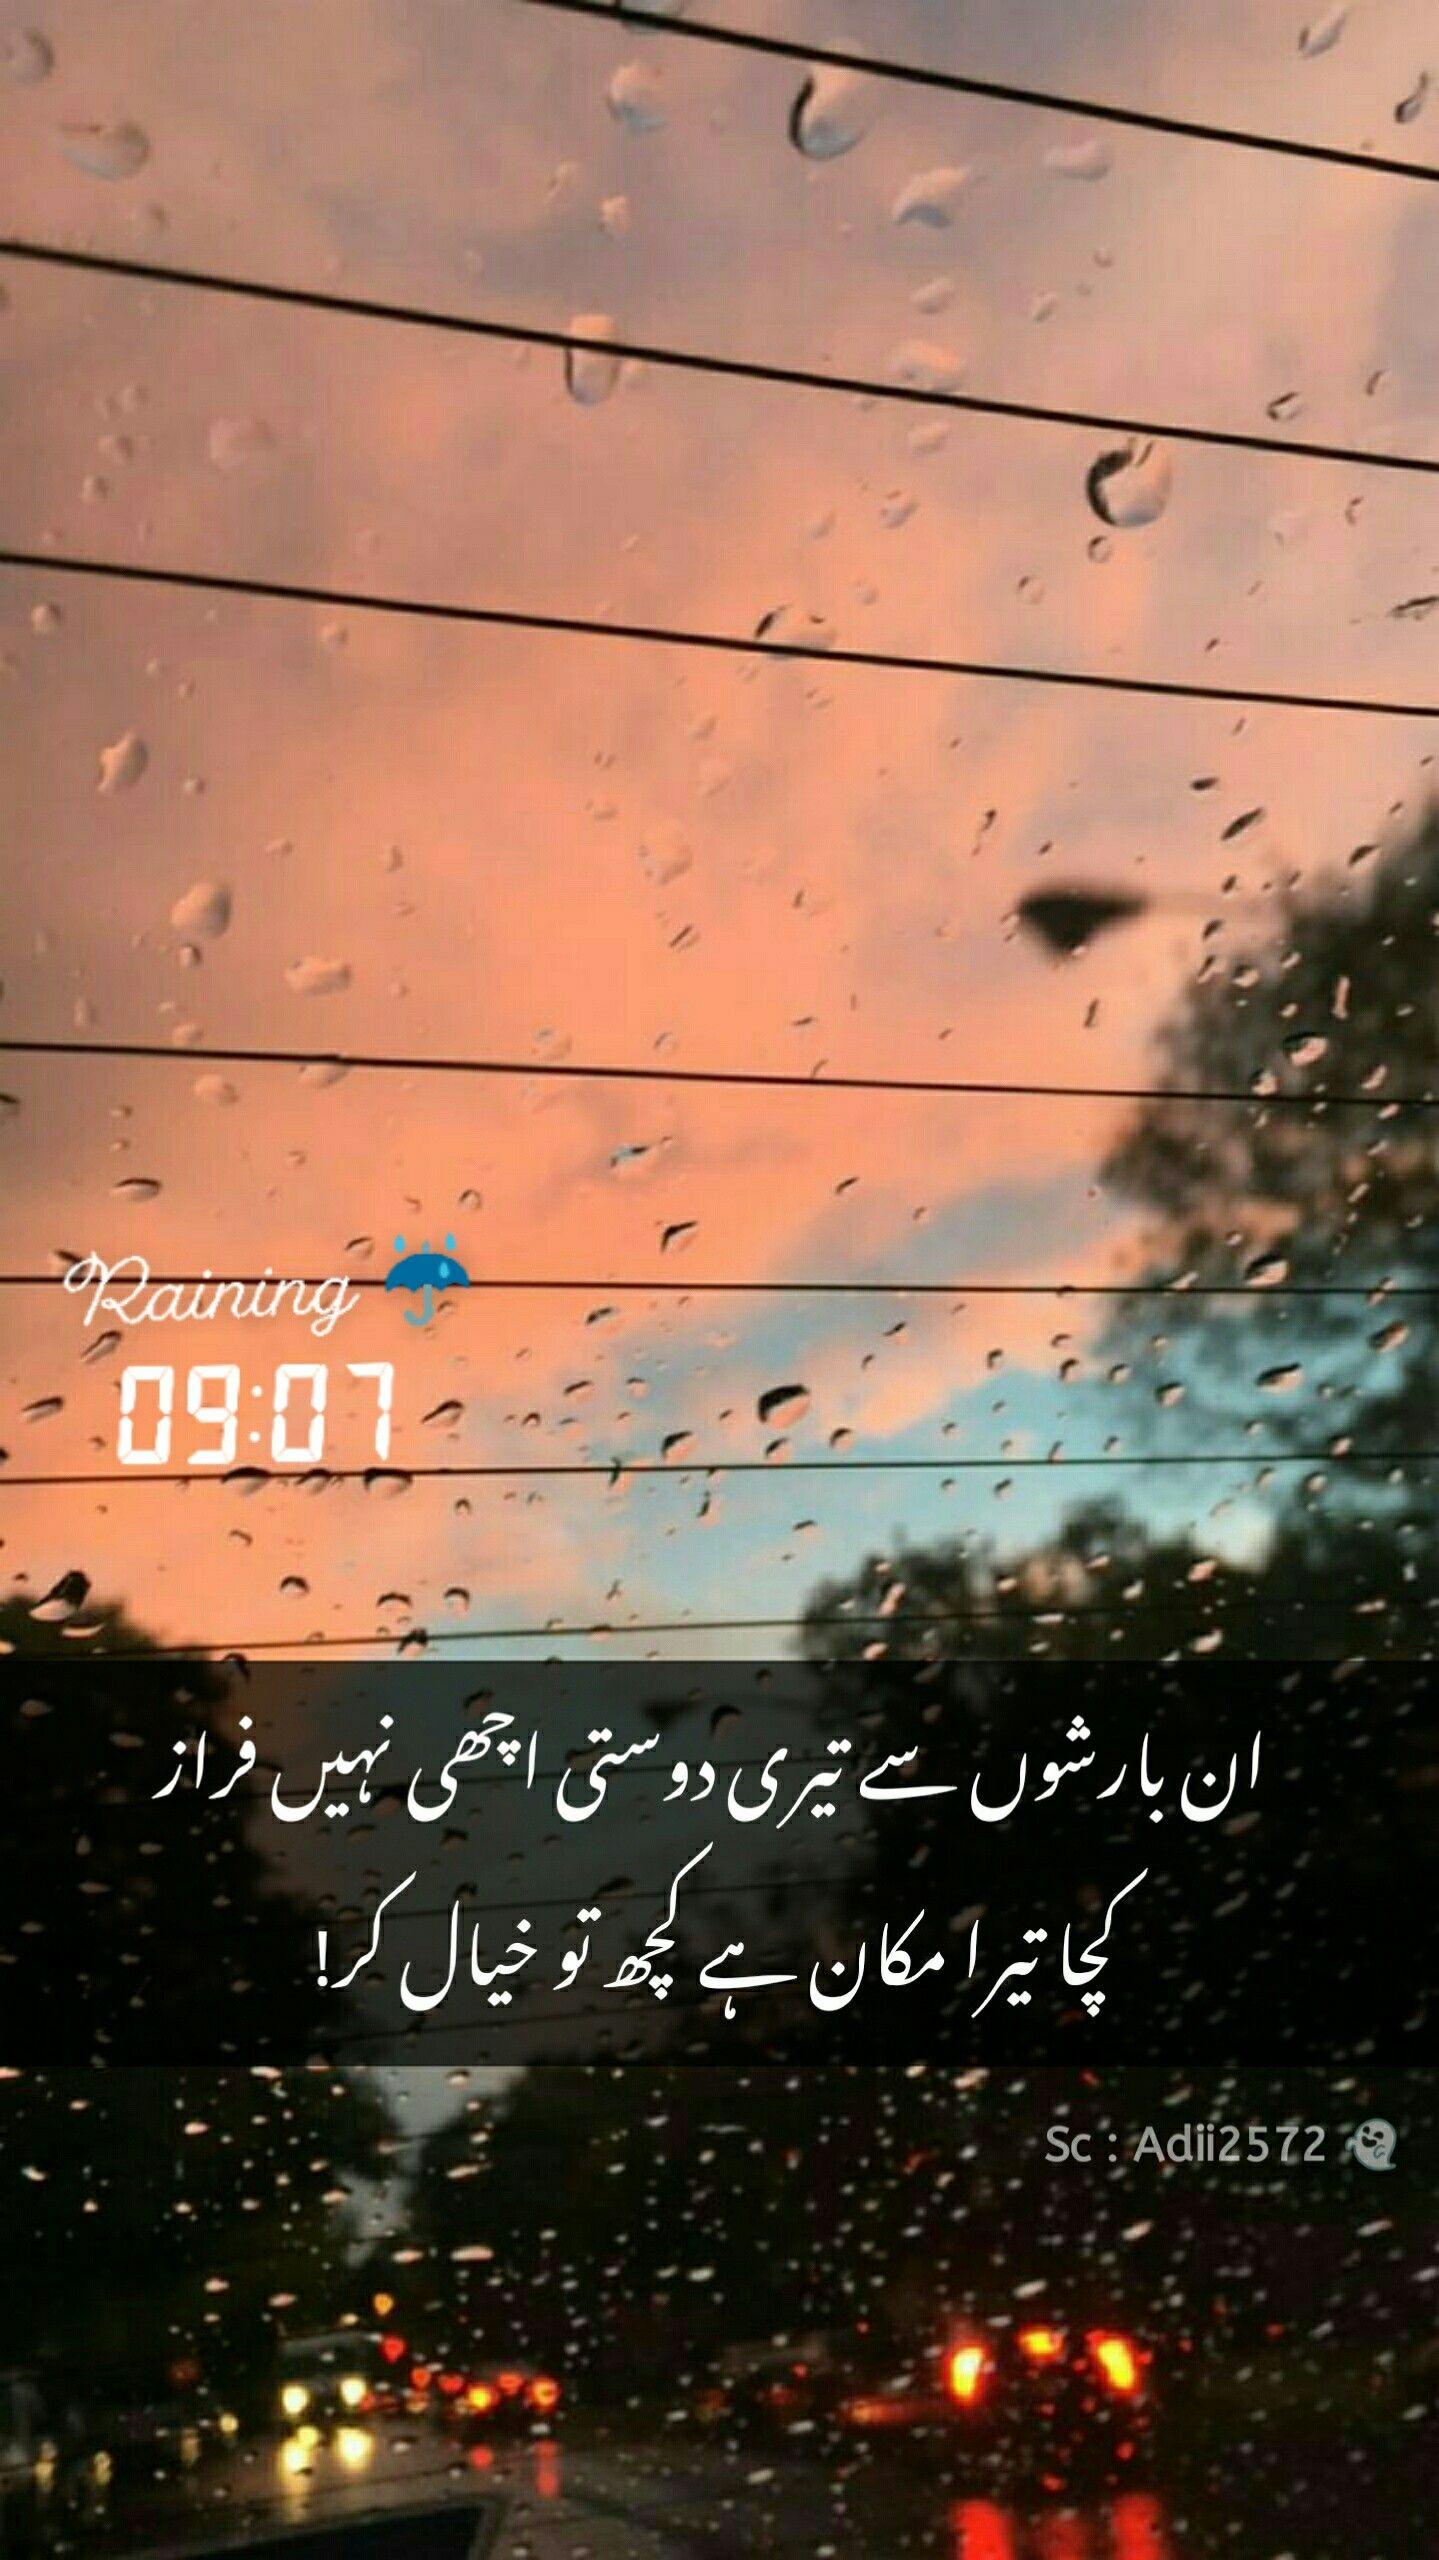 Urdu Barish Poetry Urdu Funny Poetry Best Urdu Poetry Images